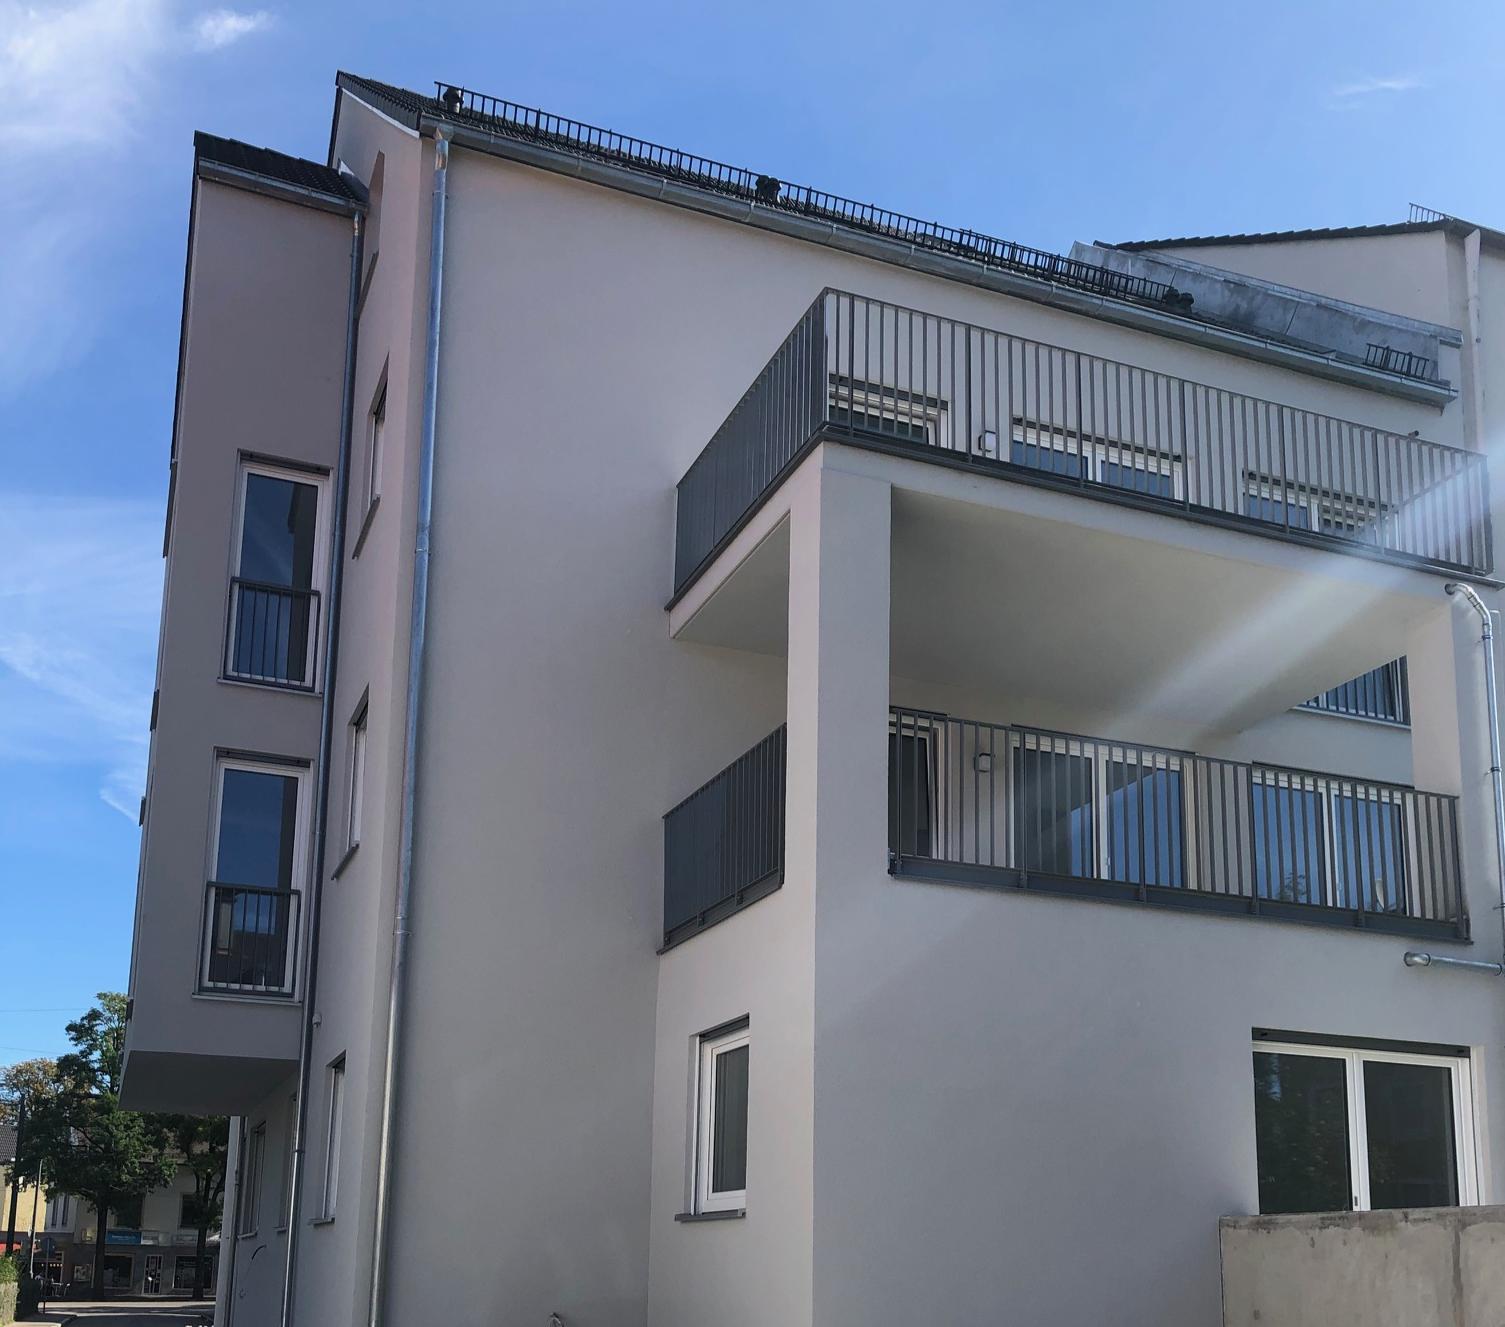 NEUBAU mit Balkon: schöne, zentral gelegene 2-Zimmer-Wohnung in Lechhausen (Augsburg)